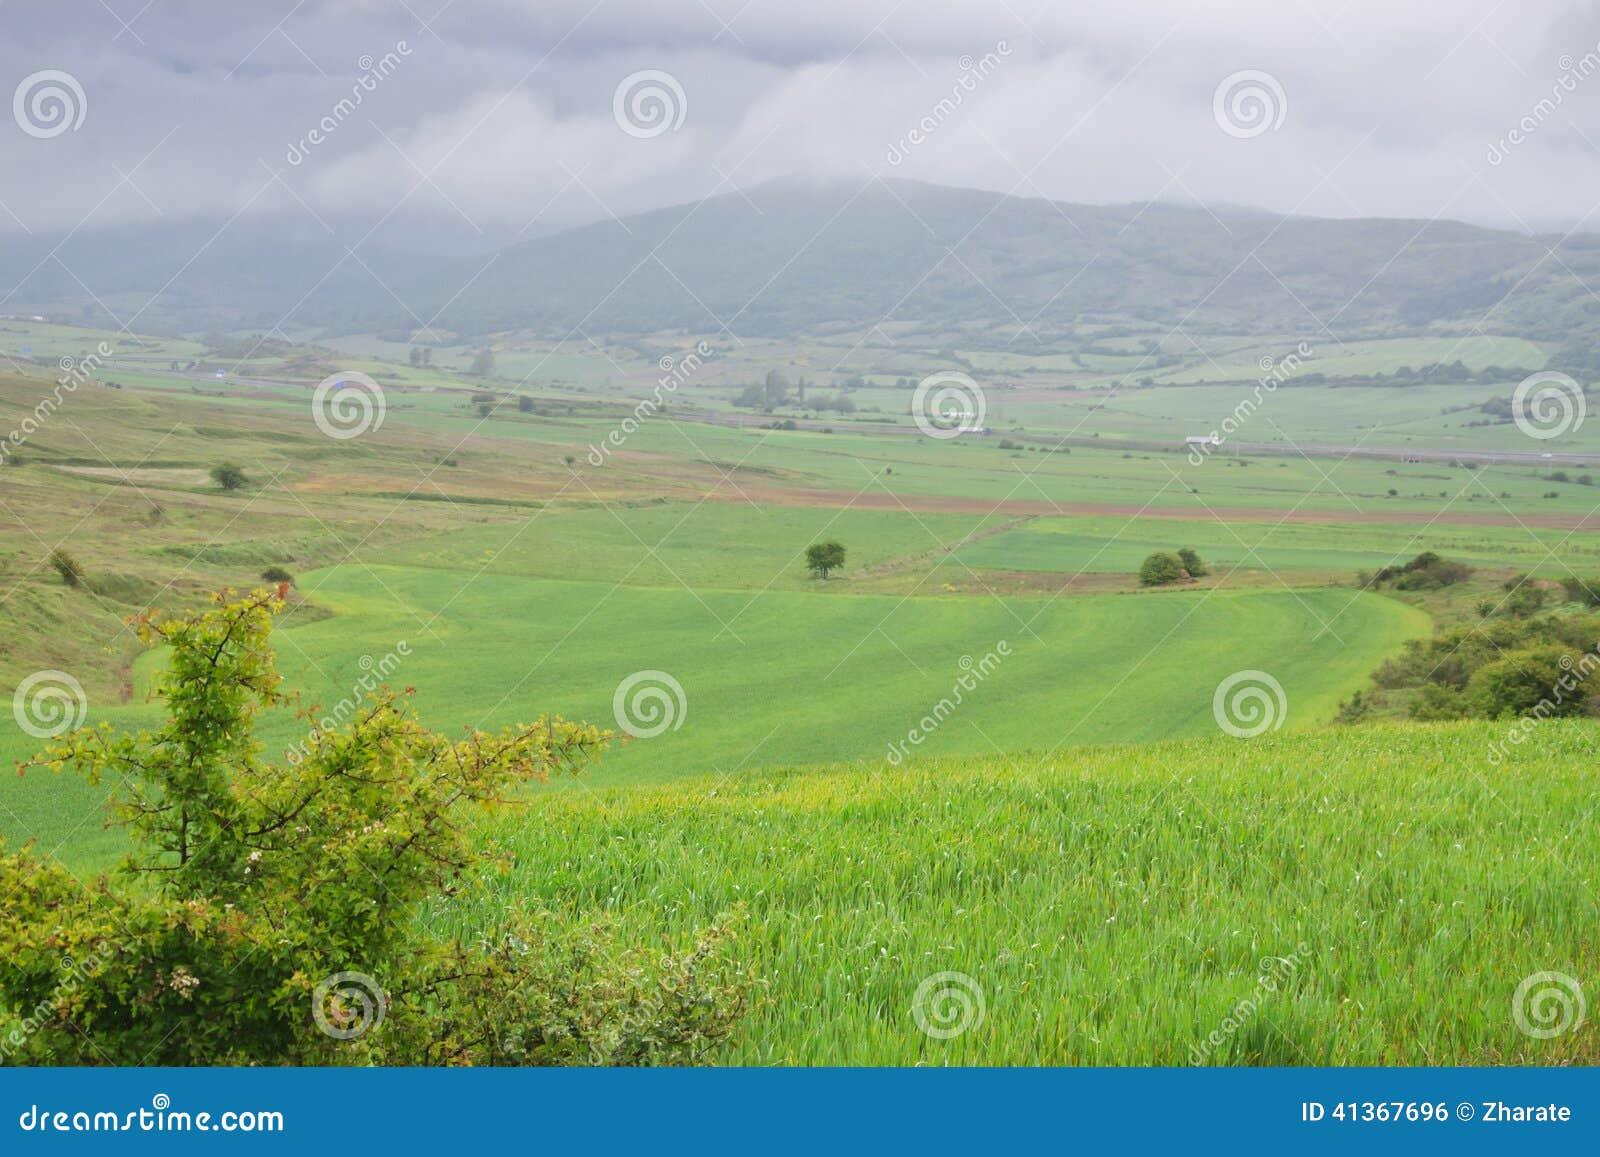 一些反弹严格晴朗那里不是的蓝色云彩日由于域重点充分的绿色横向小的移动工厂显示天空是麦子白色风